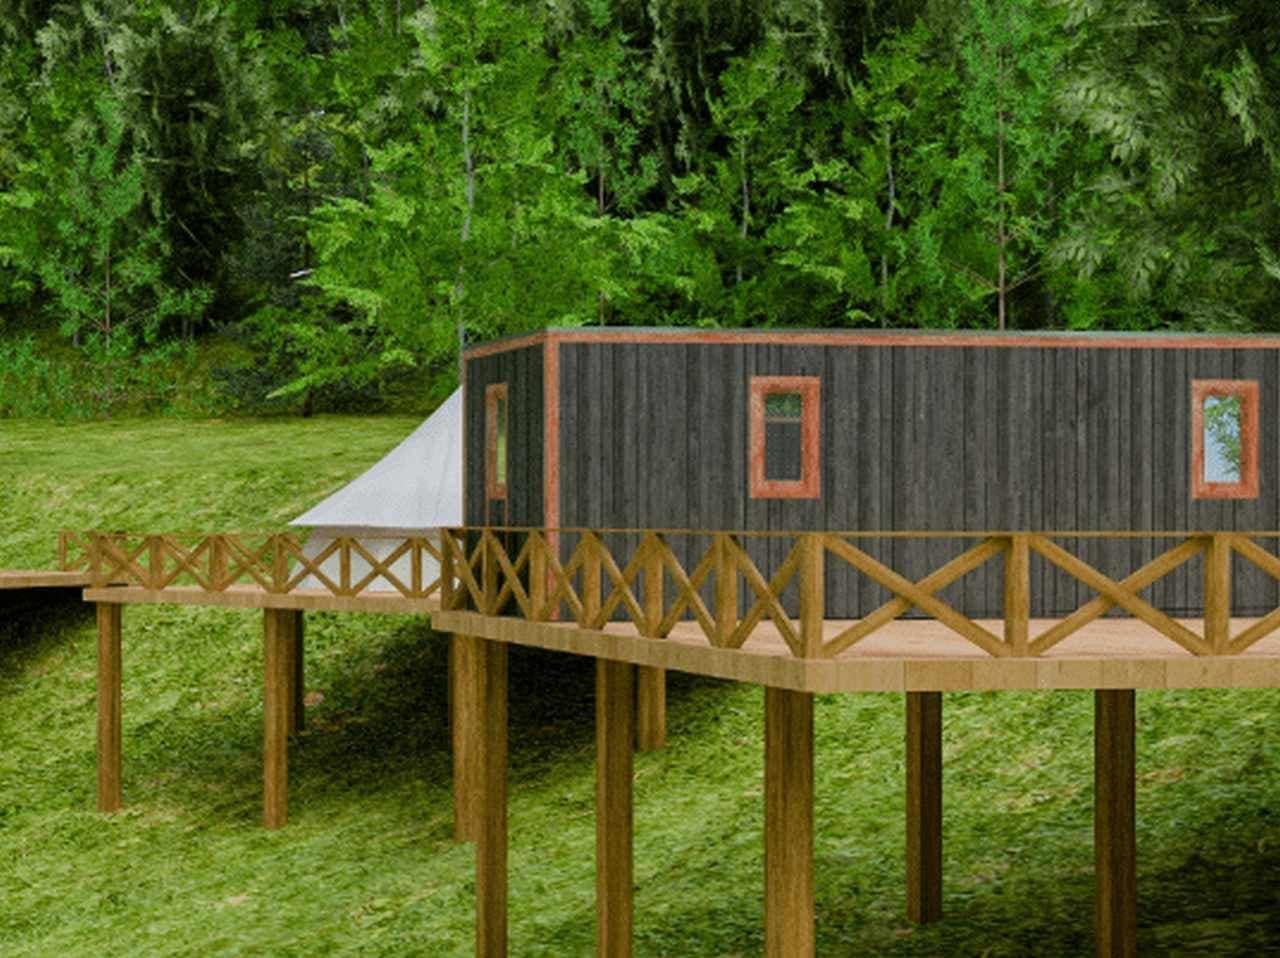 ハワイの山での過ごし方をイメージ!スパリゾートハワイアンズのグランピング施設「マウナヴィレッジ」6月16日予約受付開始